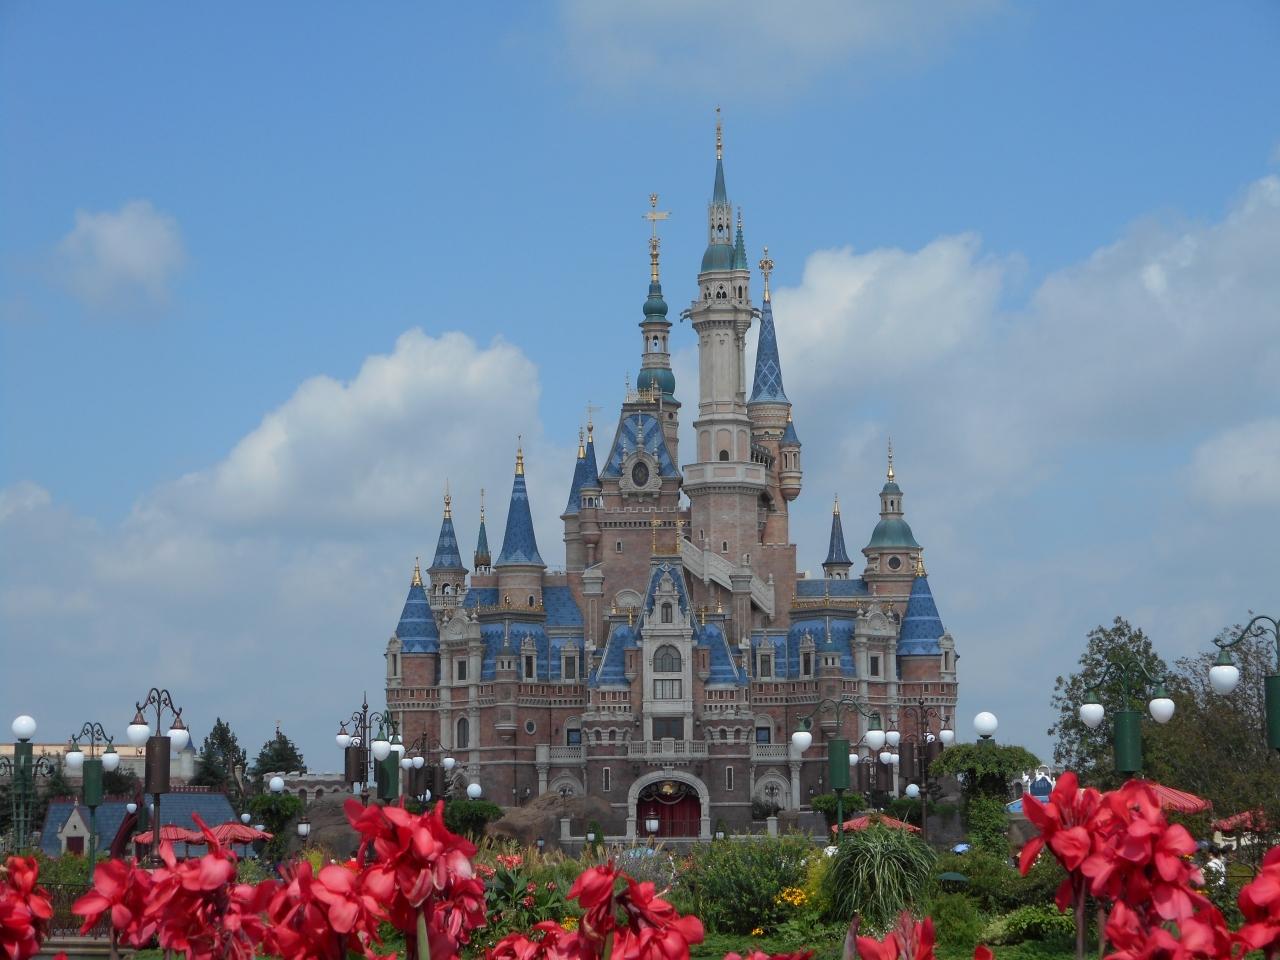 上海ディズニーも間違いなく夢の国でした』上海(中国)の旅行記・ブログ